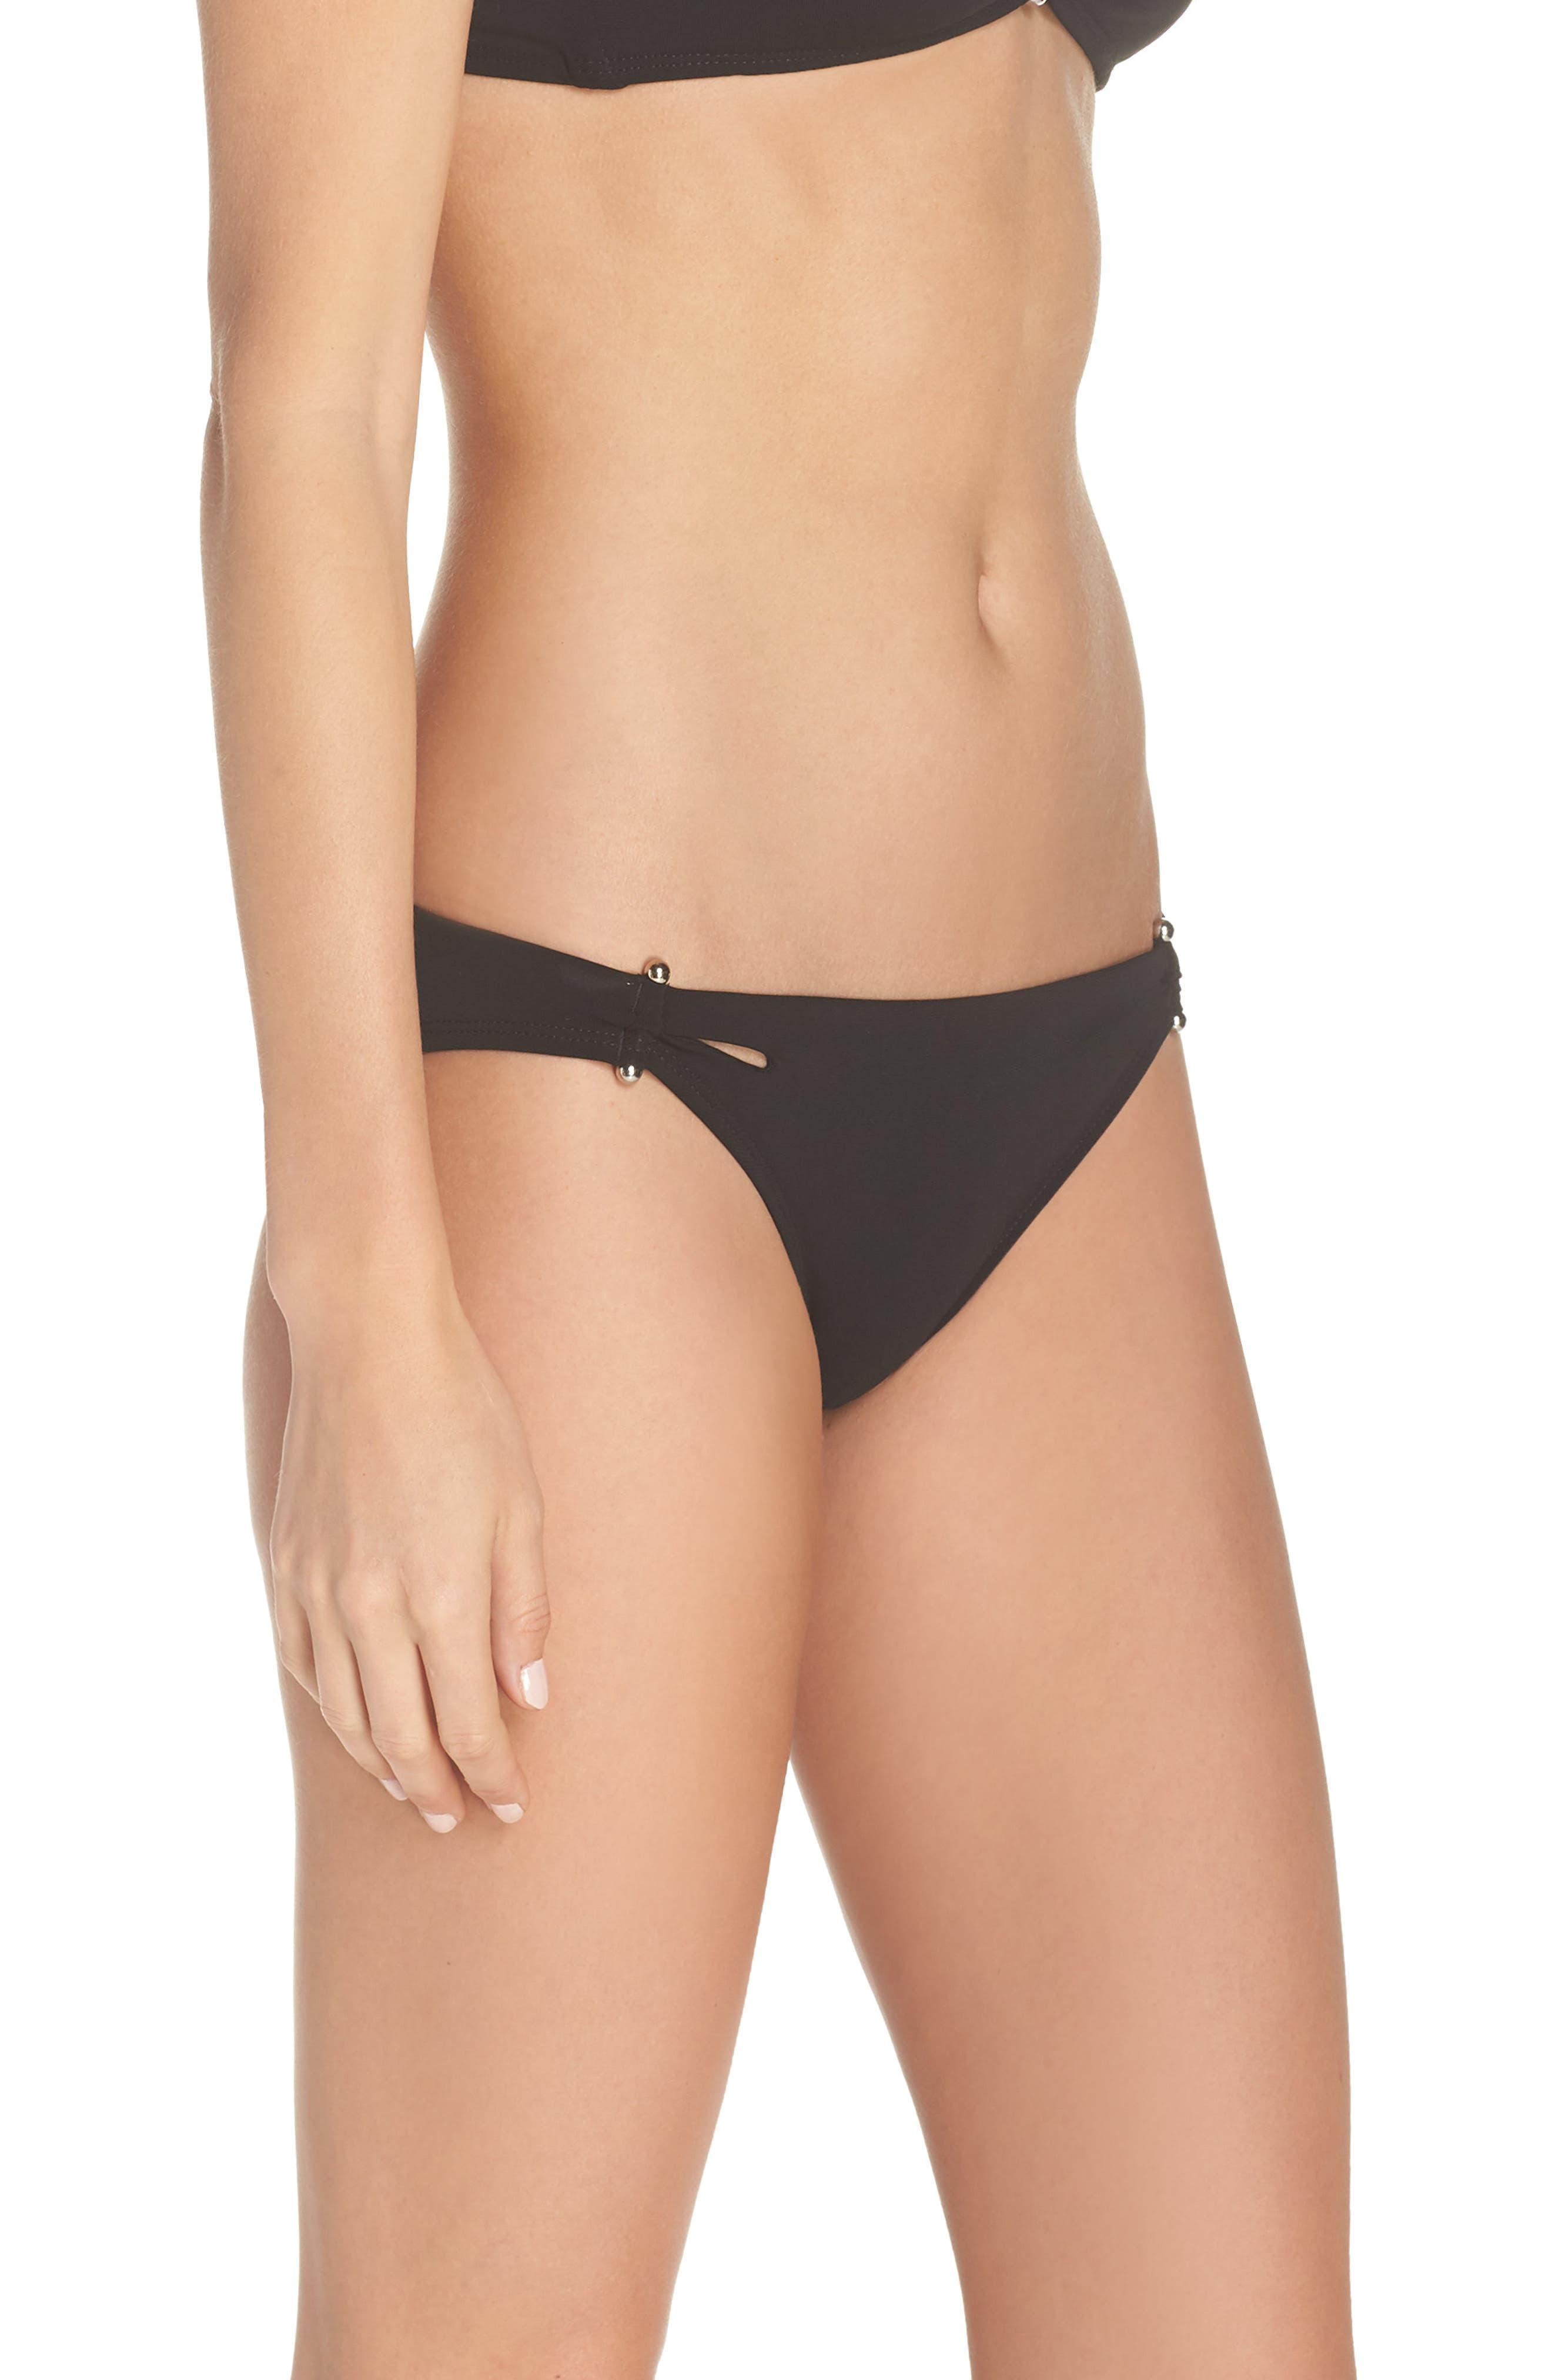 Ava Bikini Bottoms,                             Alternate thumbnail 3, color,                             BLACK